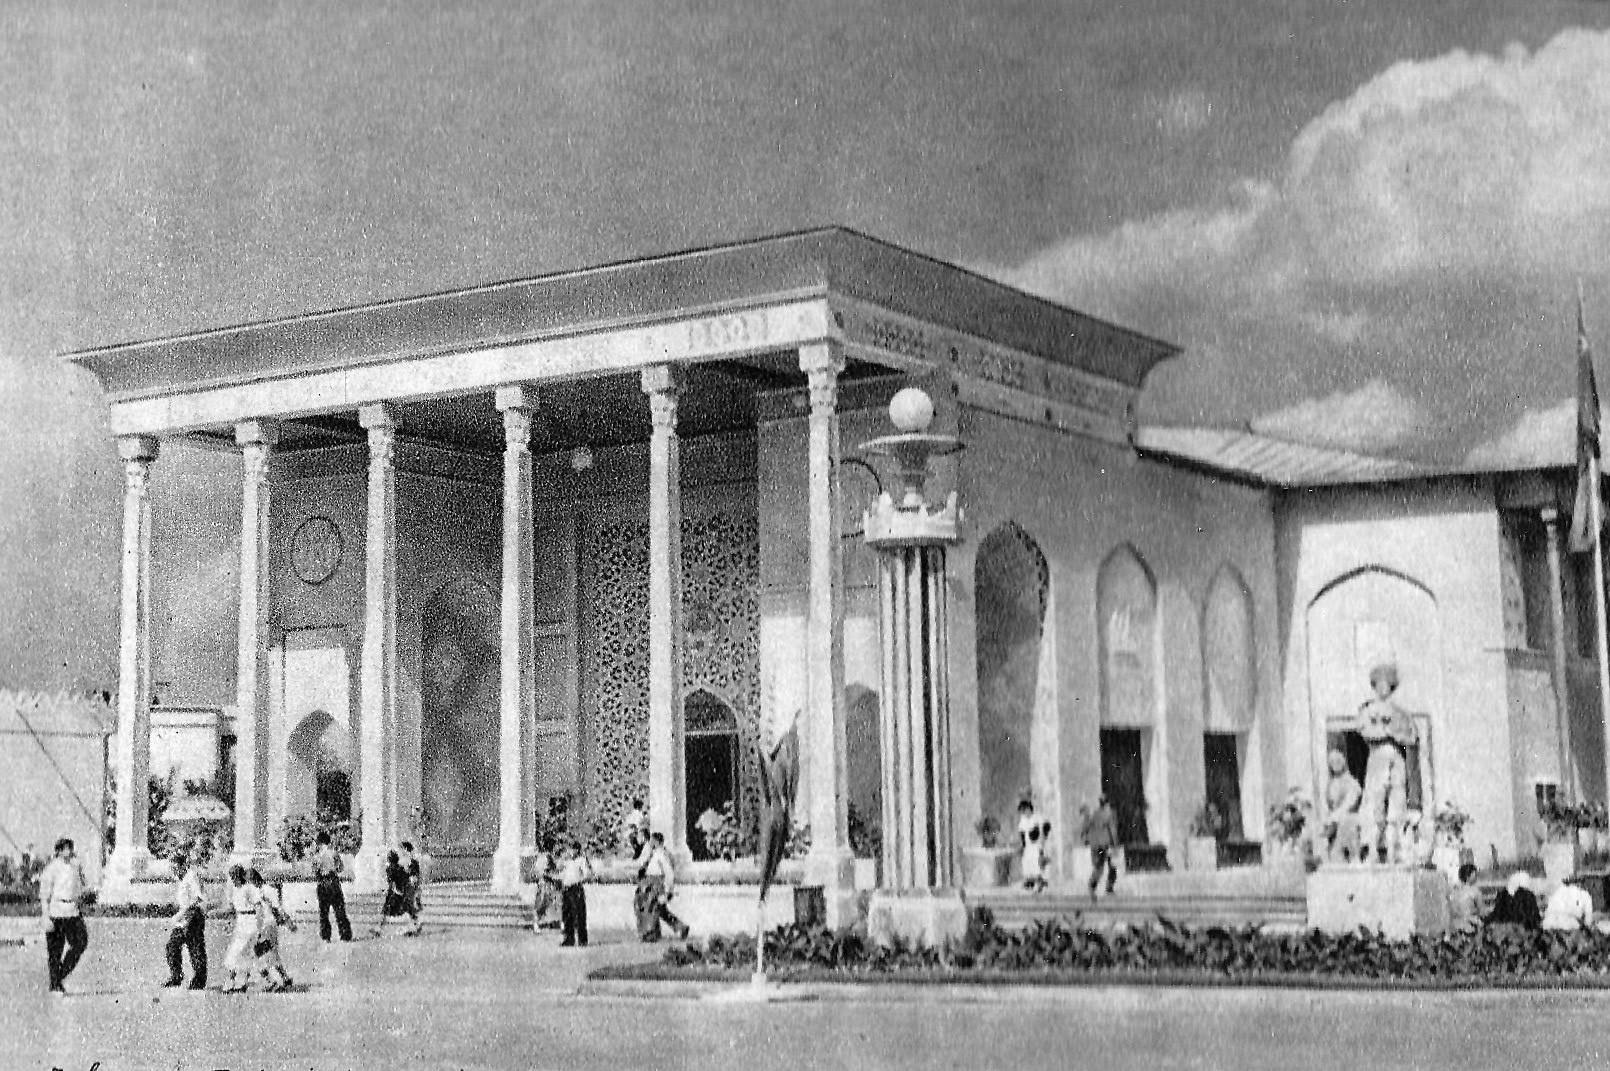 トルクメン・ソビエト社会主義共和国のパビリオン